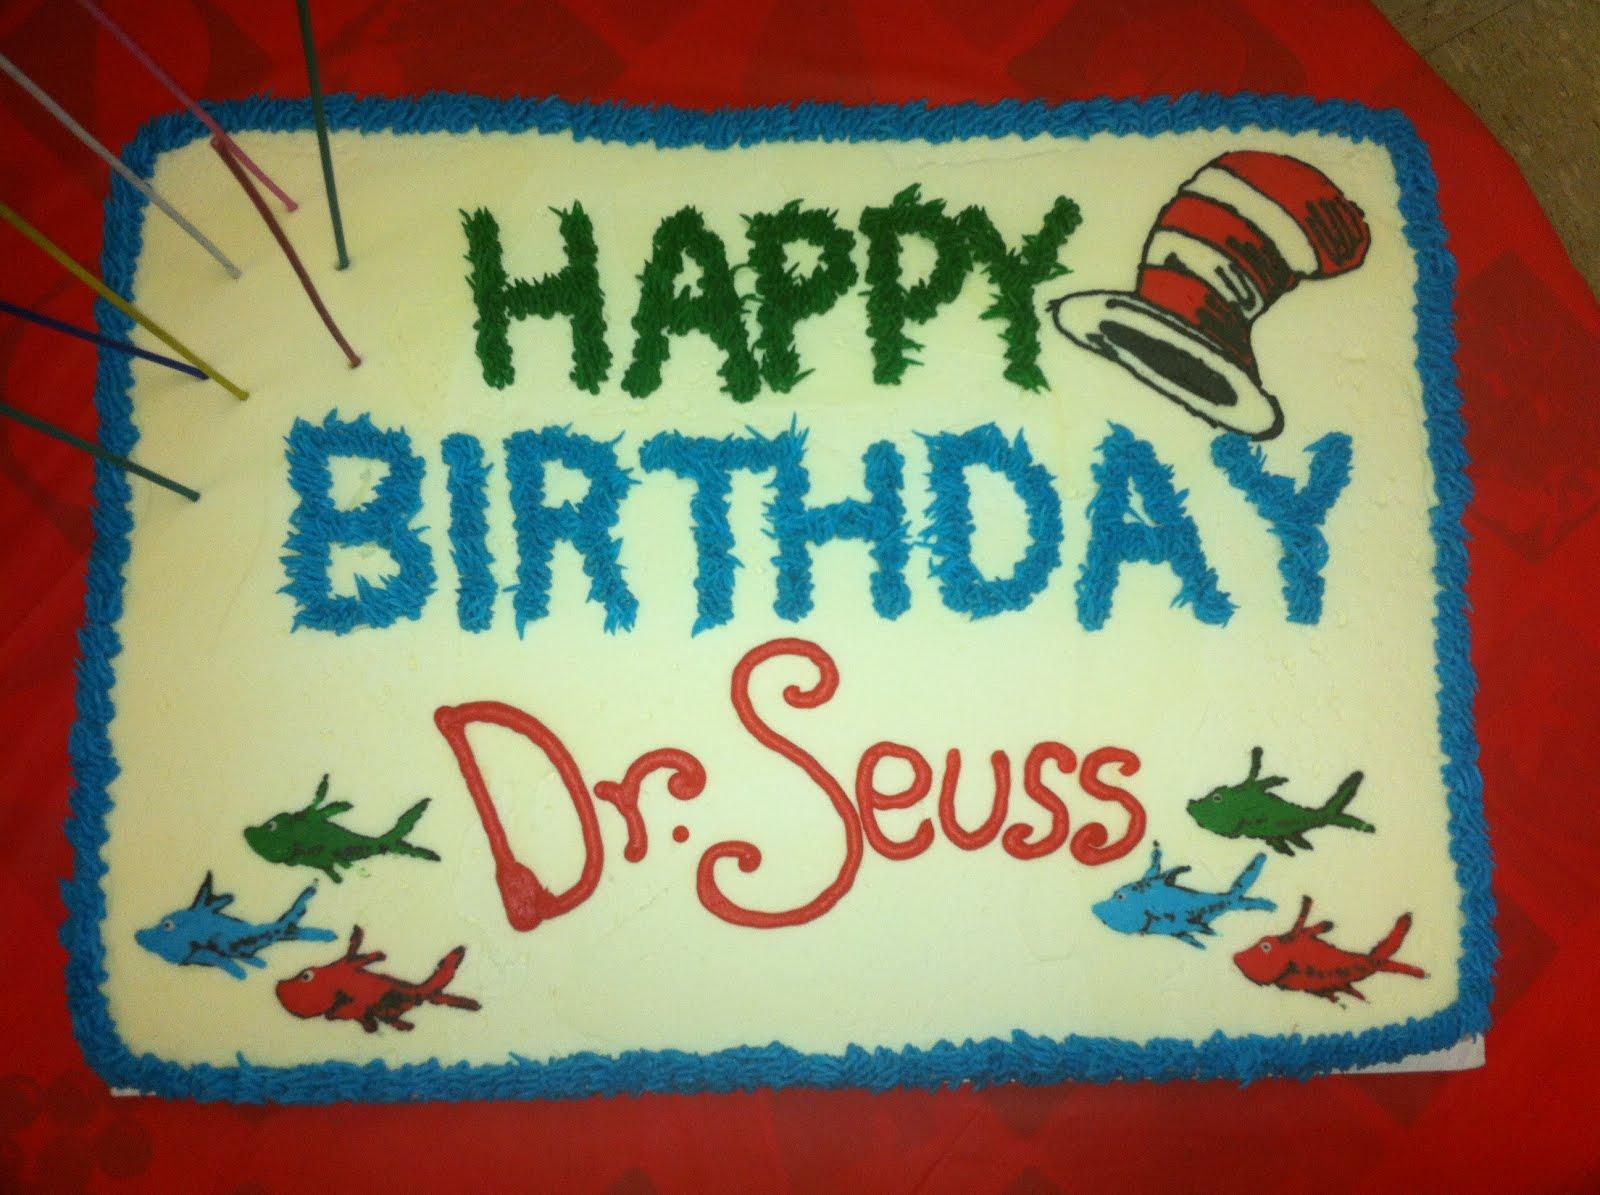 Piedmont Pi Beta Phi Alumnae Club Dr Seuss Birthday Cake